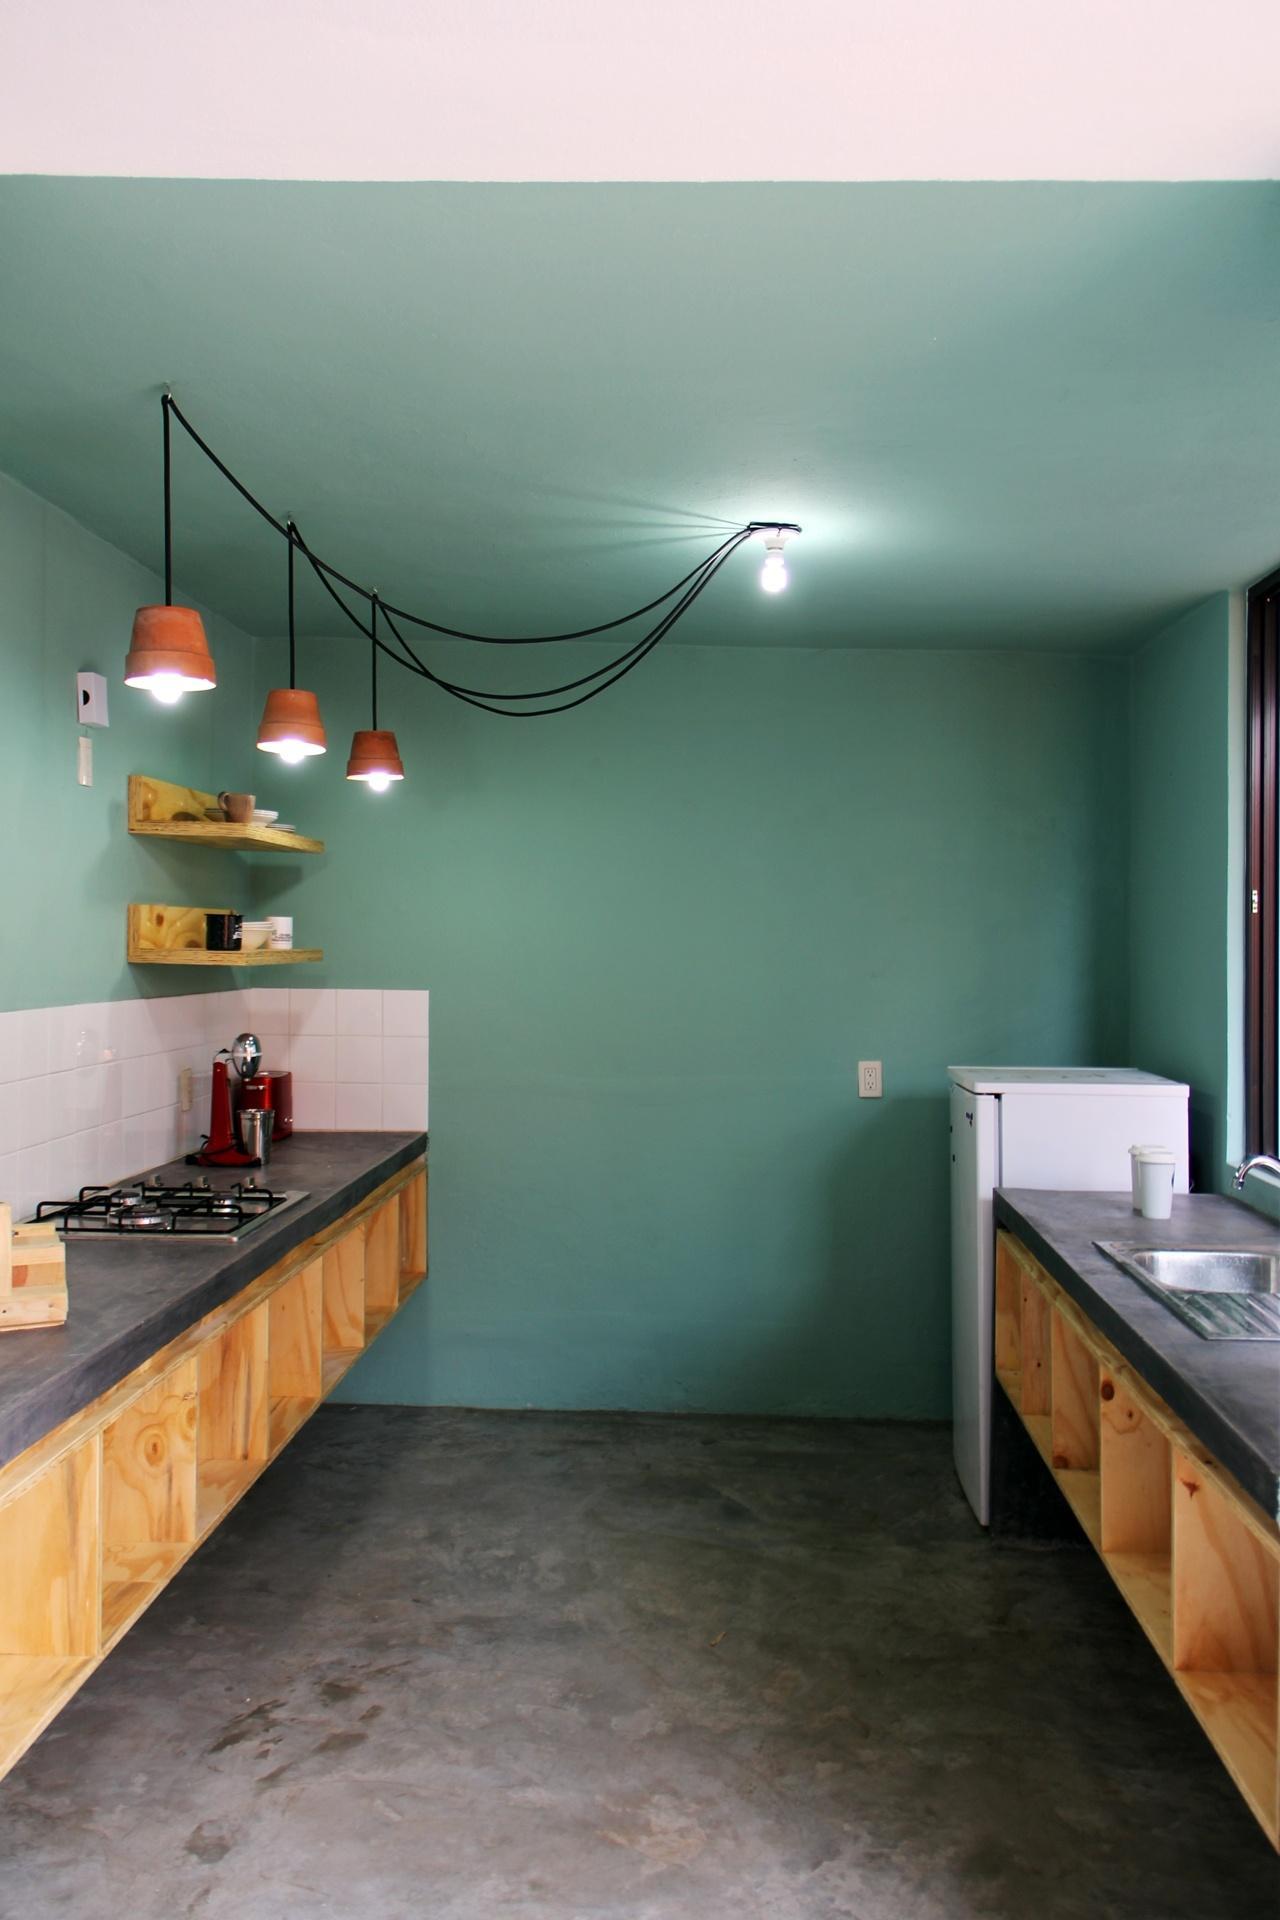 para construir ou reformar a cozinha de casa BOL Fotos BOL Fotos #6B4830 1280 1920